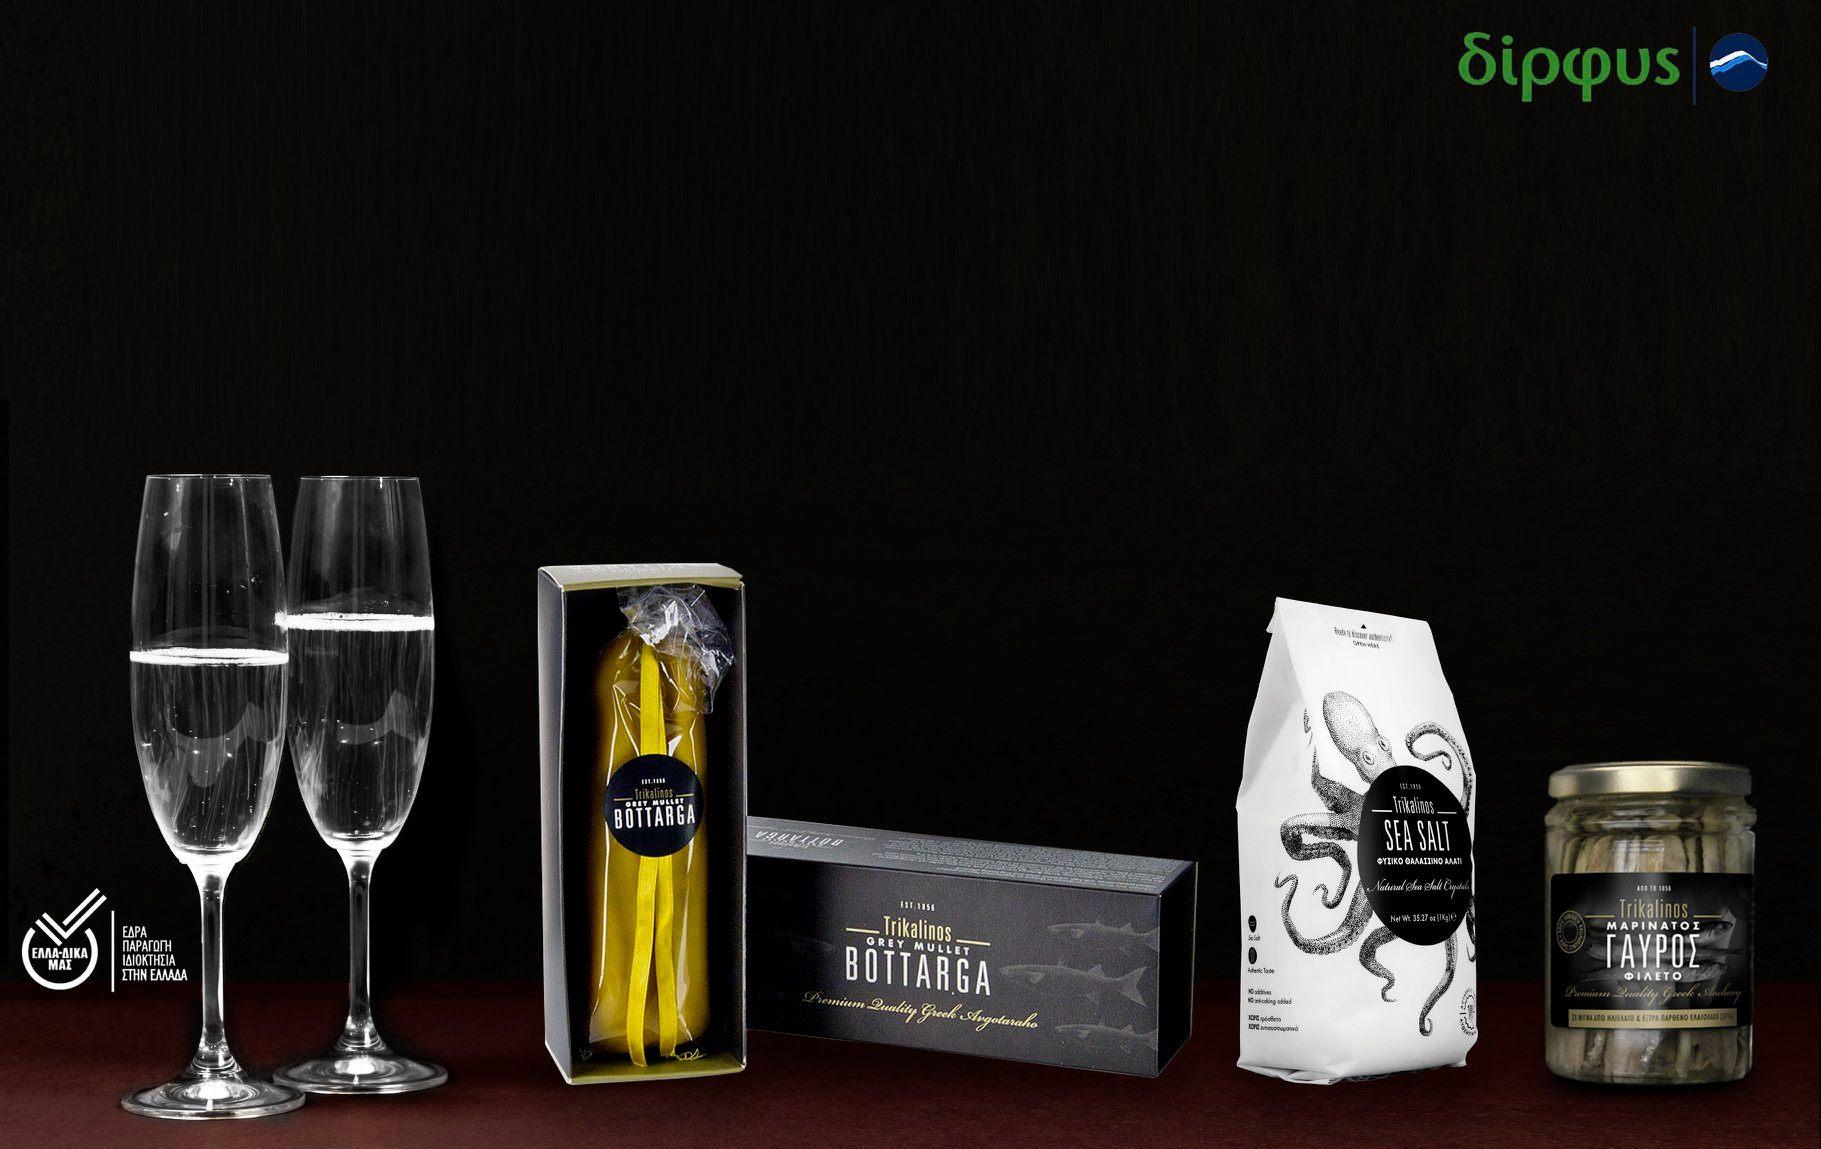 Διαγωνισμός της Δίρφυς με απολαυστικά δώρα μέσω social media